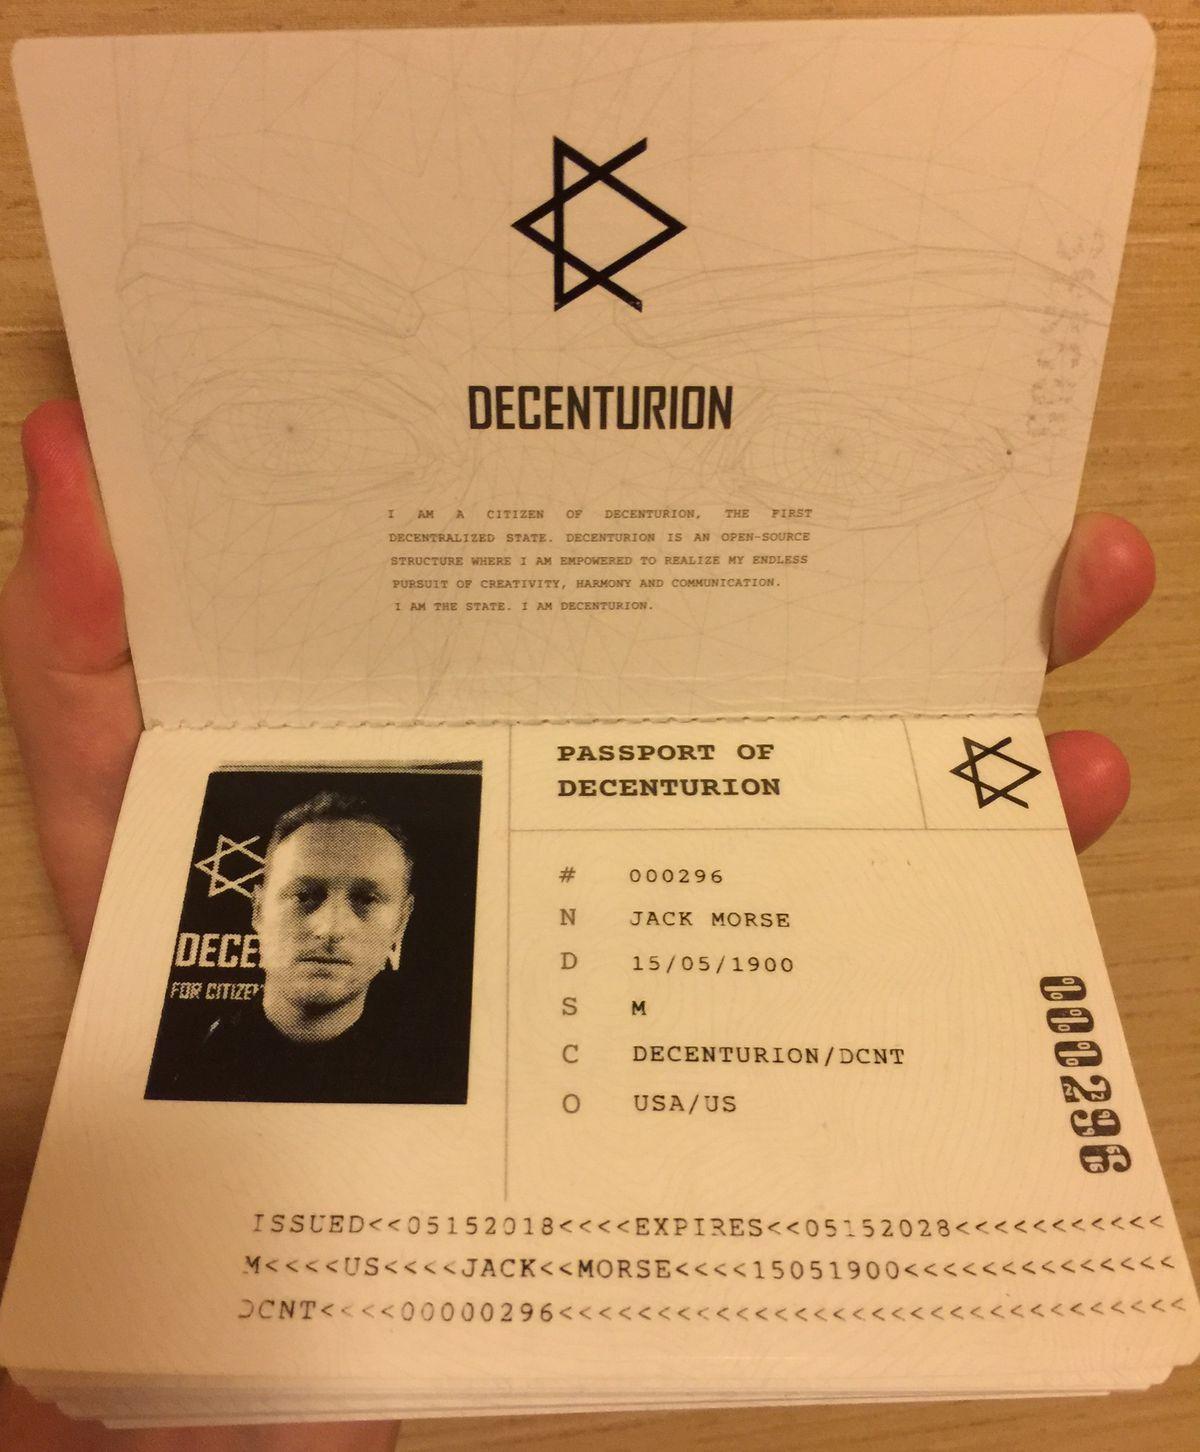 My passport.